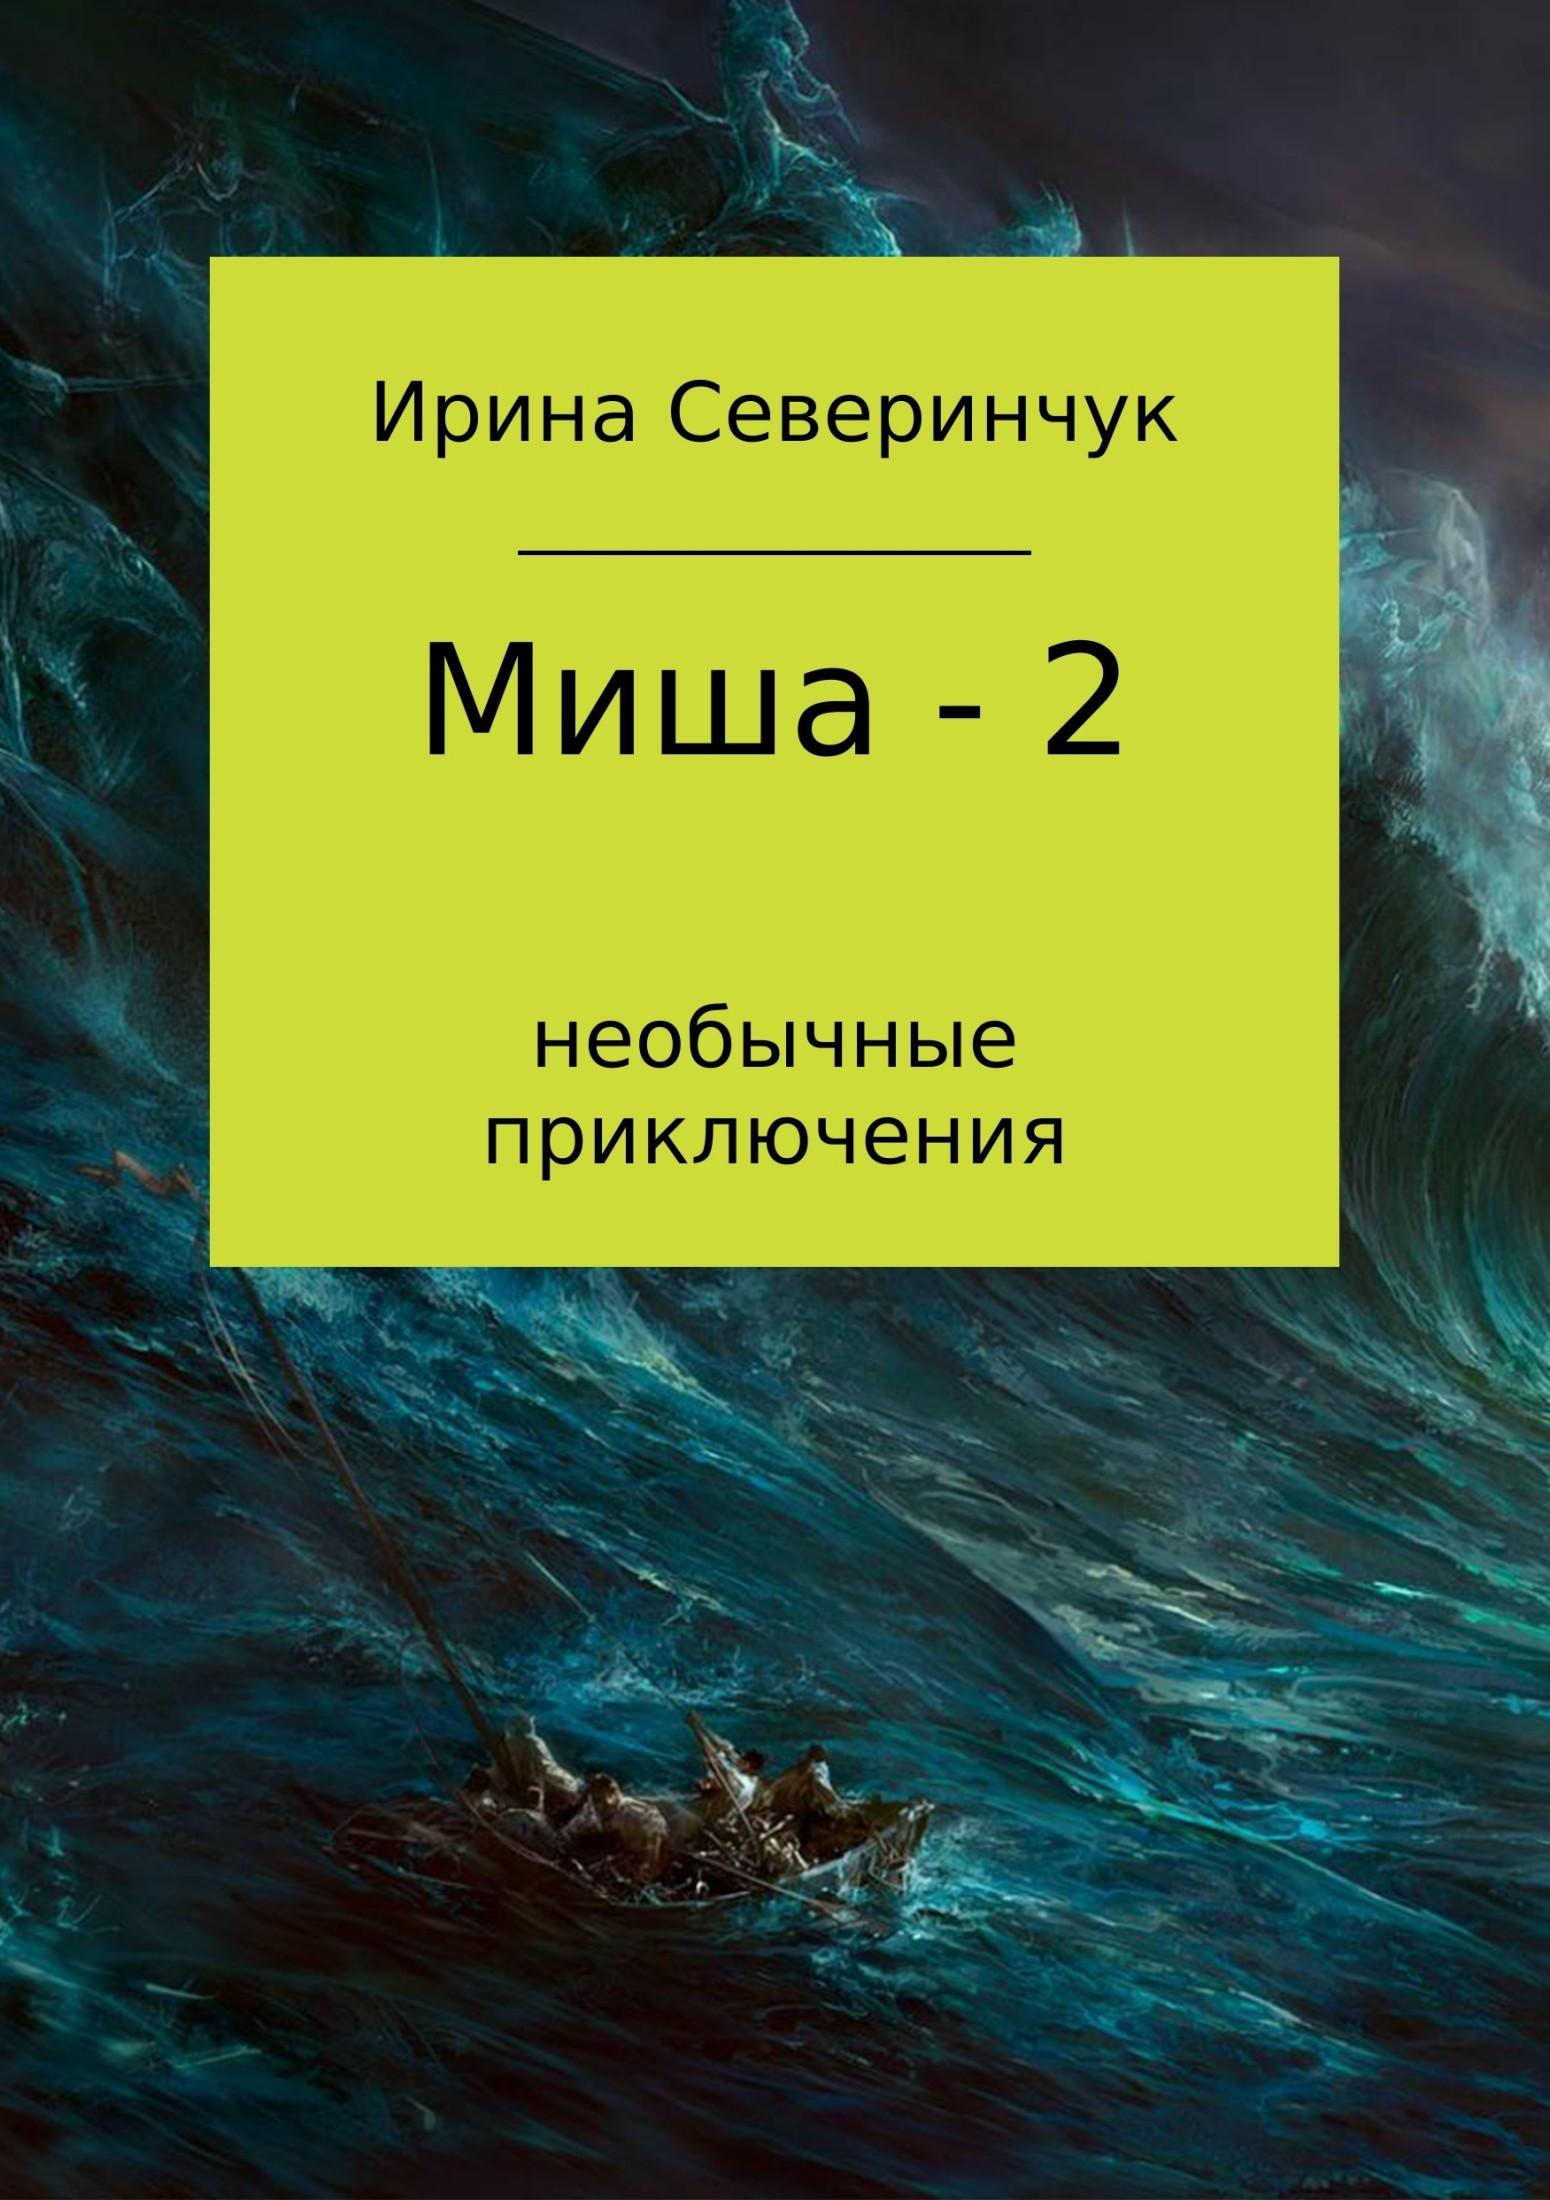 Ирина Трифоновна Северинчук Миша – 2